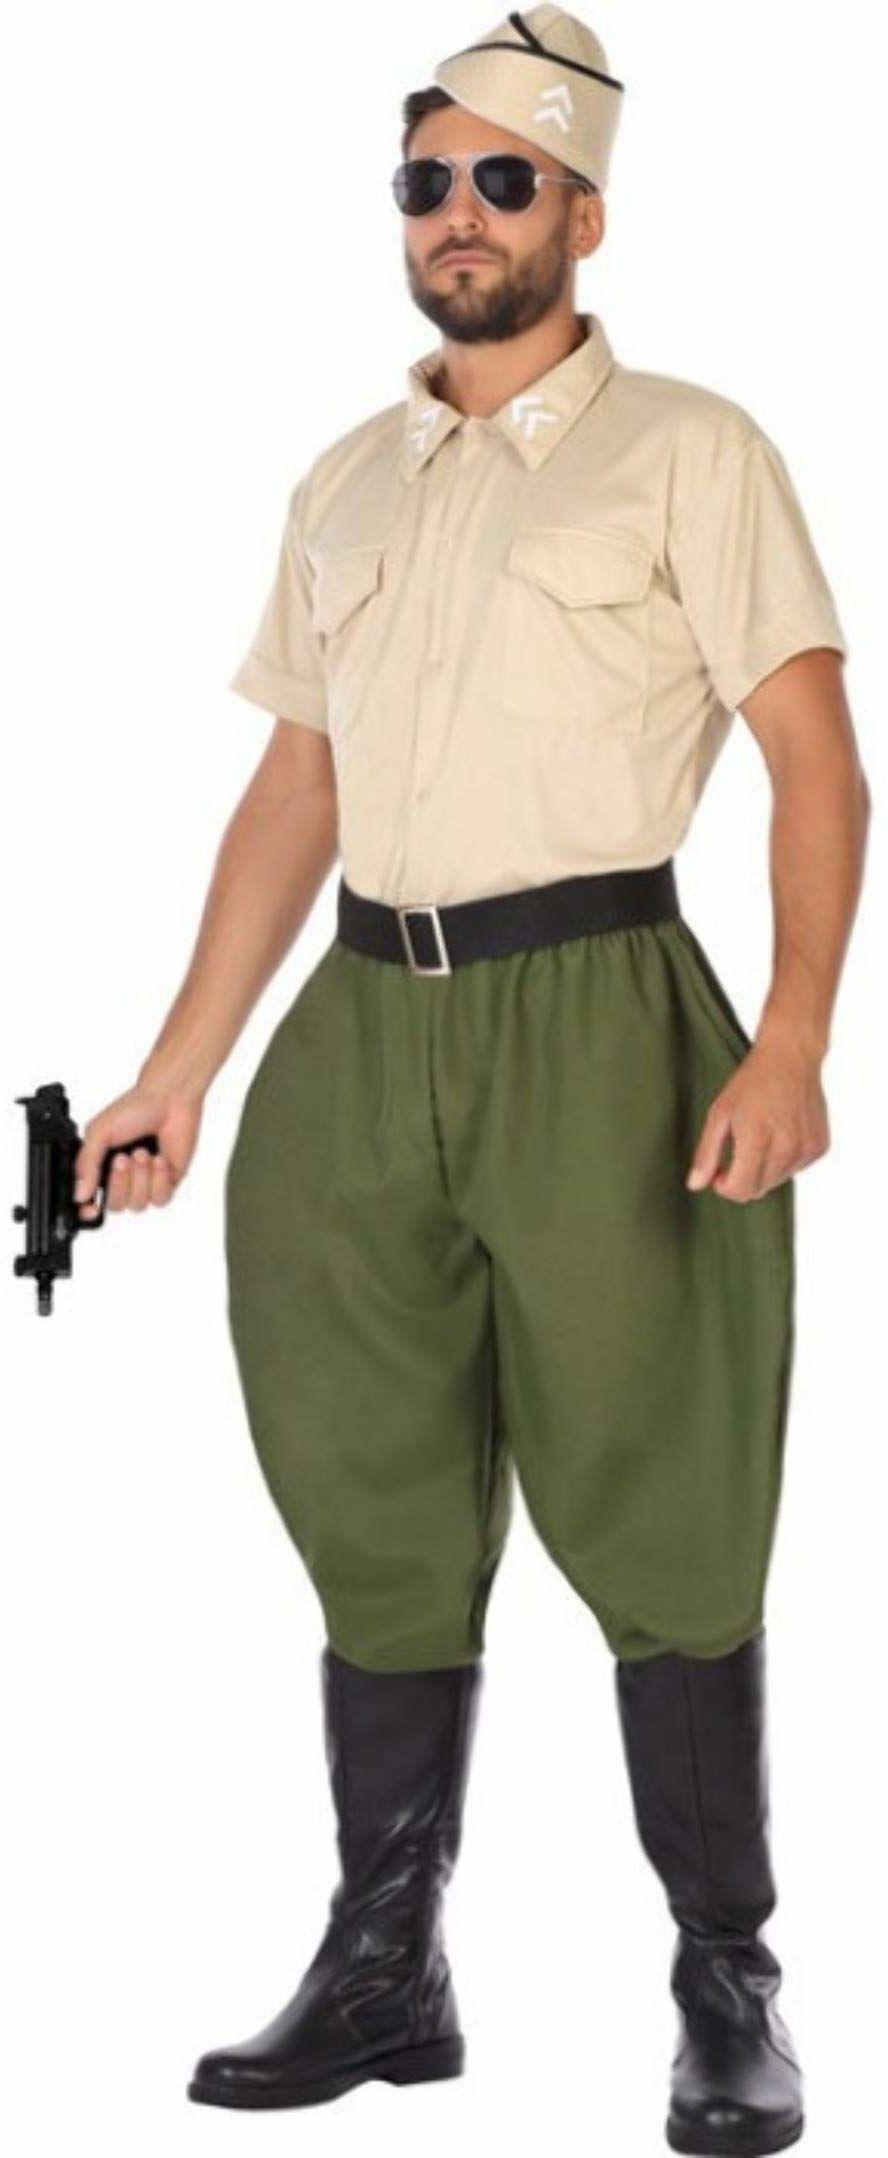 Atosa 54772 kostium żołnierz Ii Www człowiek XL zielony karnawał, mężczyźni